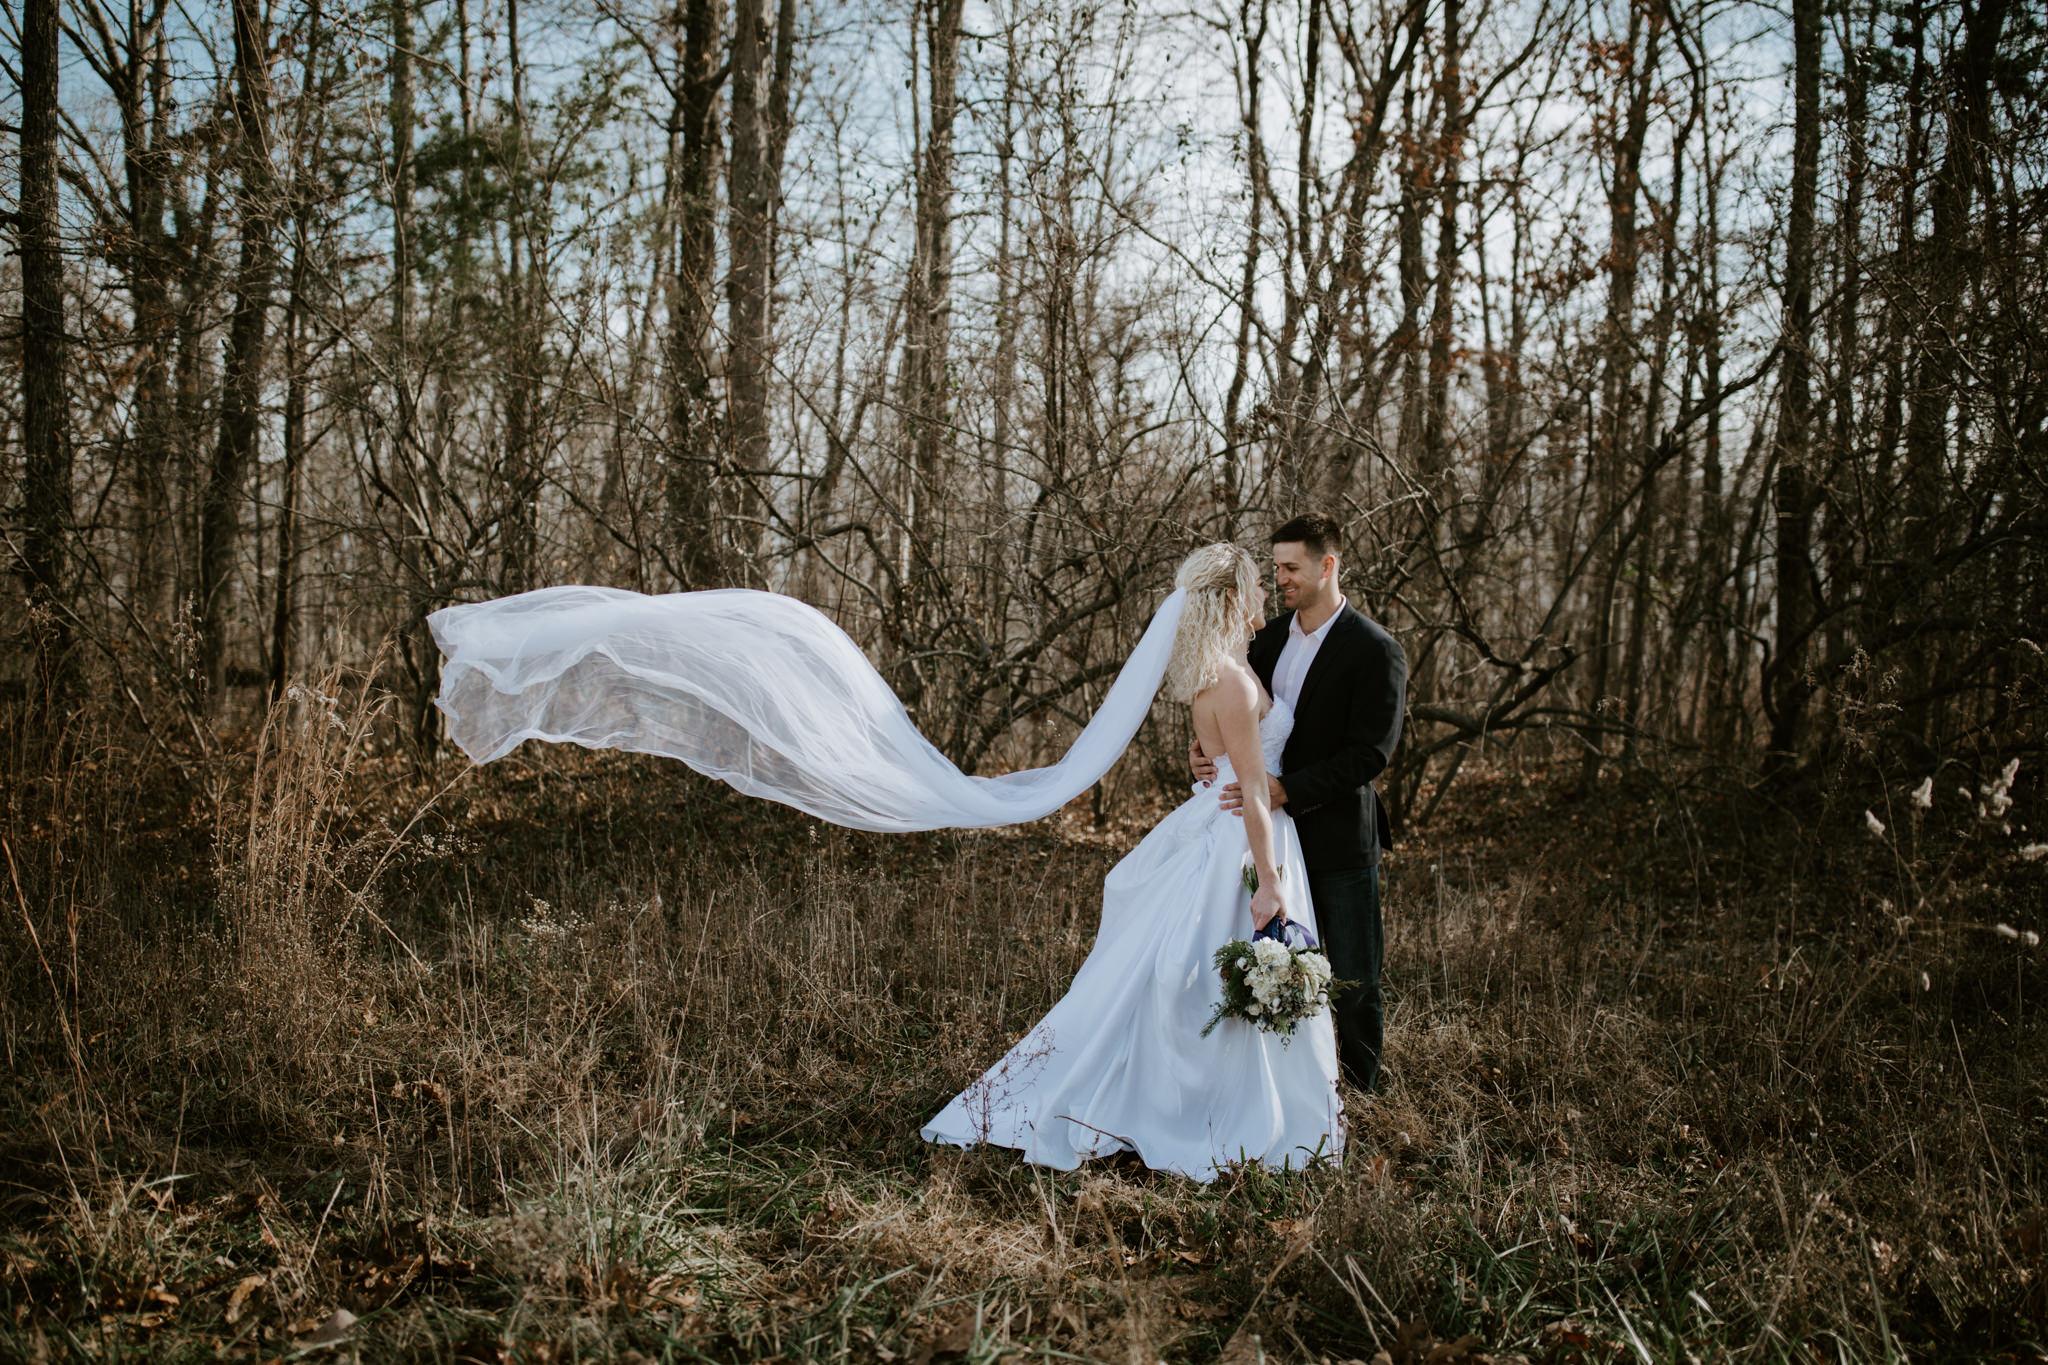 Lauren-and-Trent-Chattanooga-Nashville-Wedding-Elopement-Photographer-33.jpg